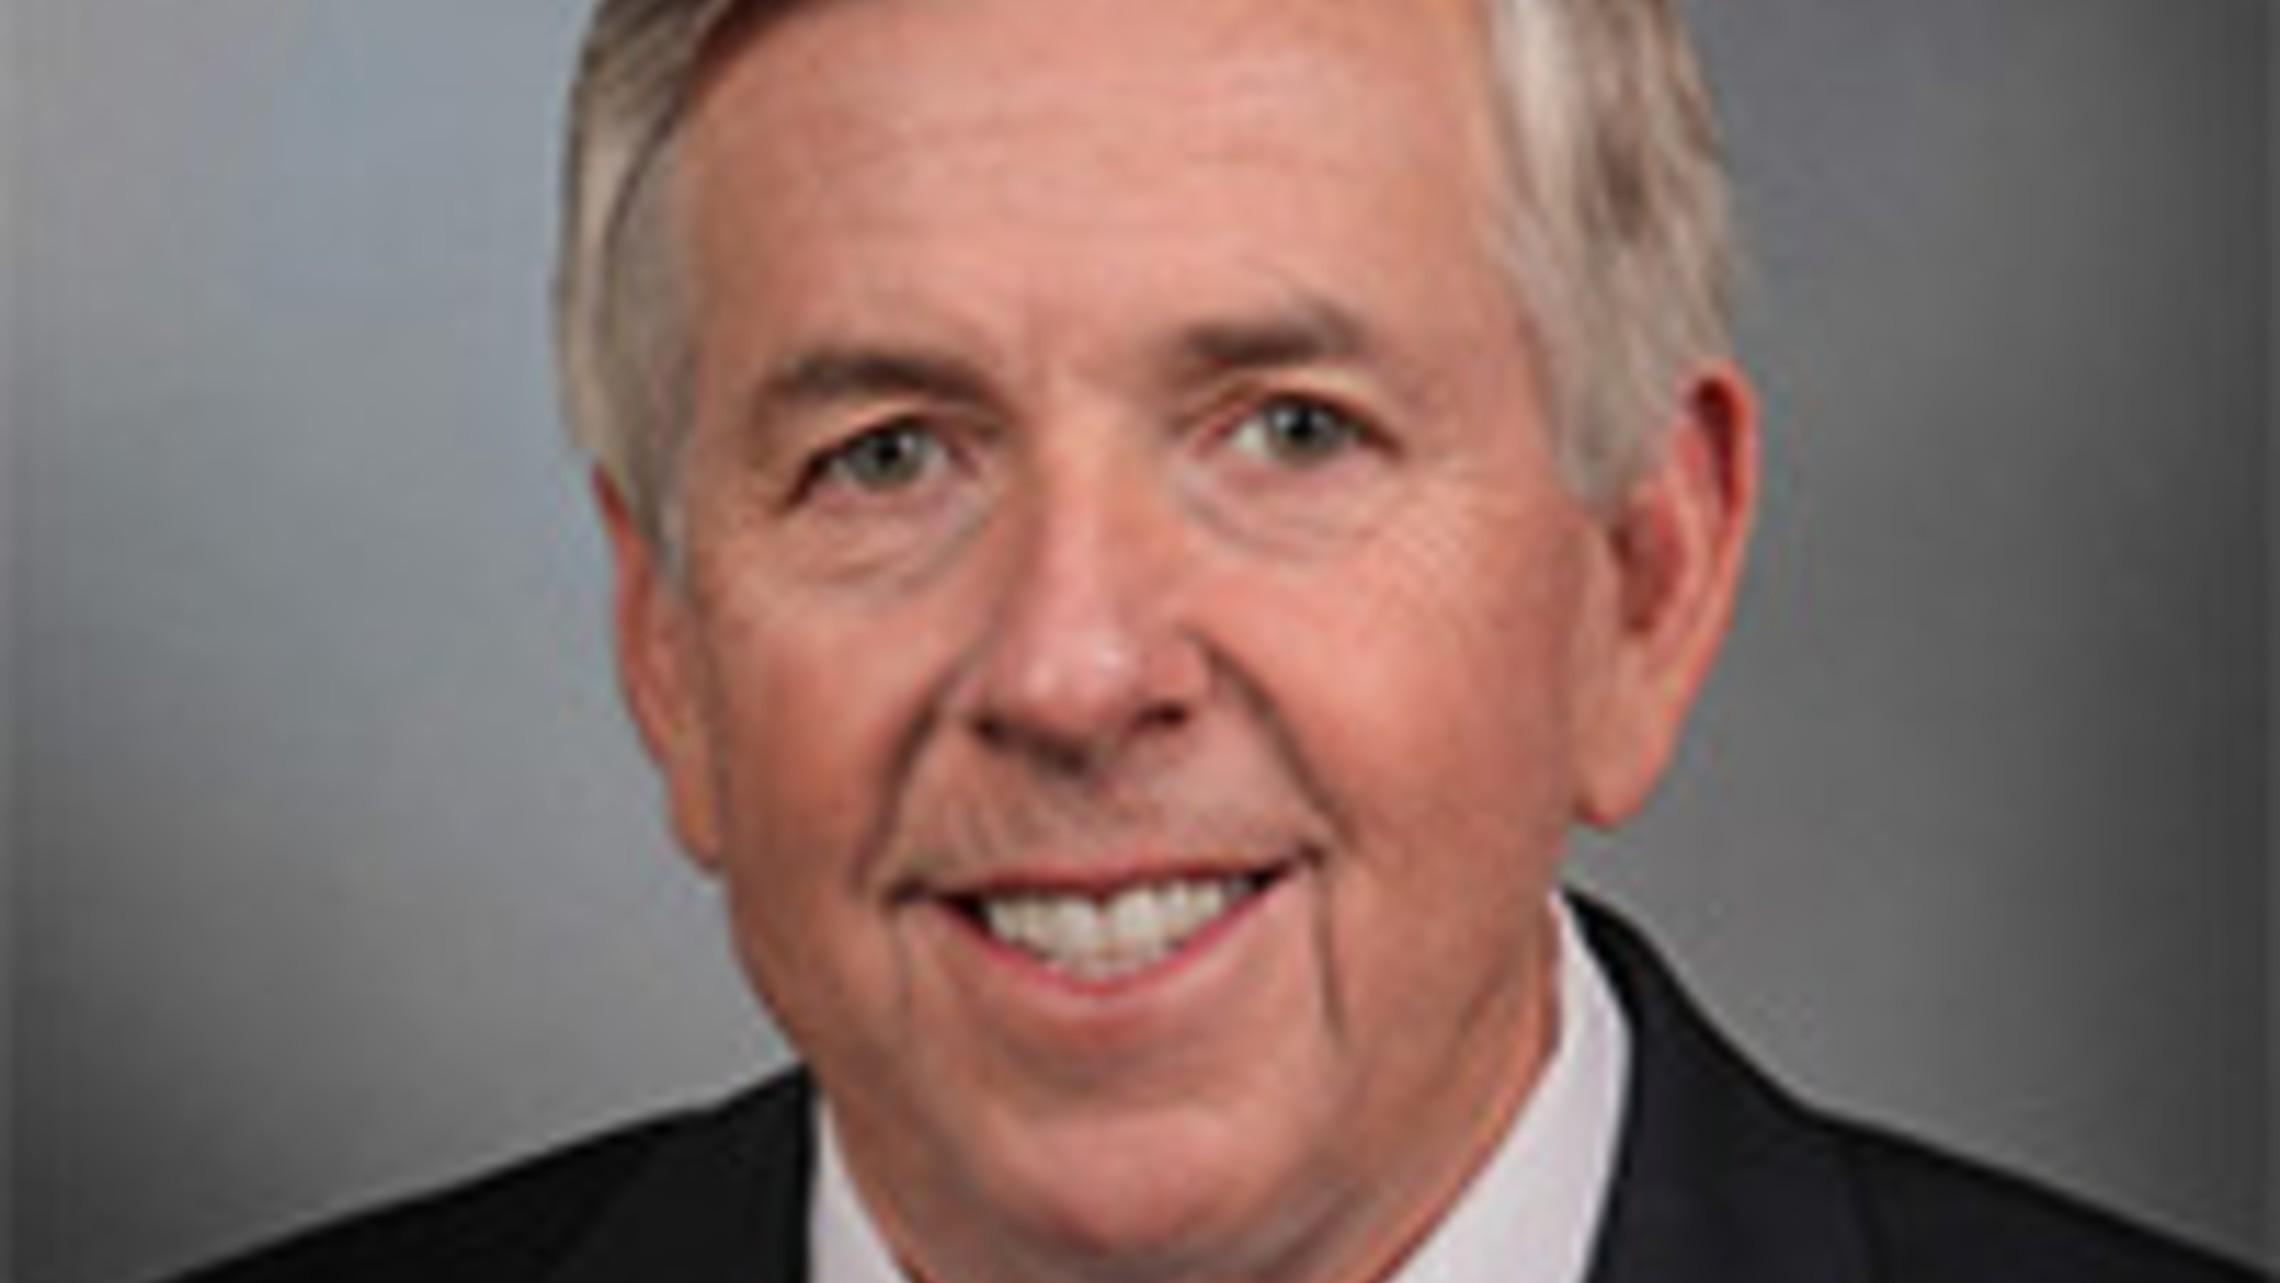 Governor Parson